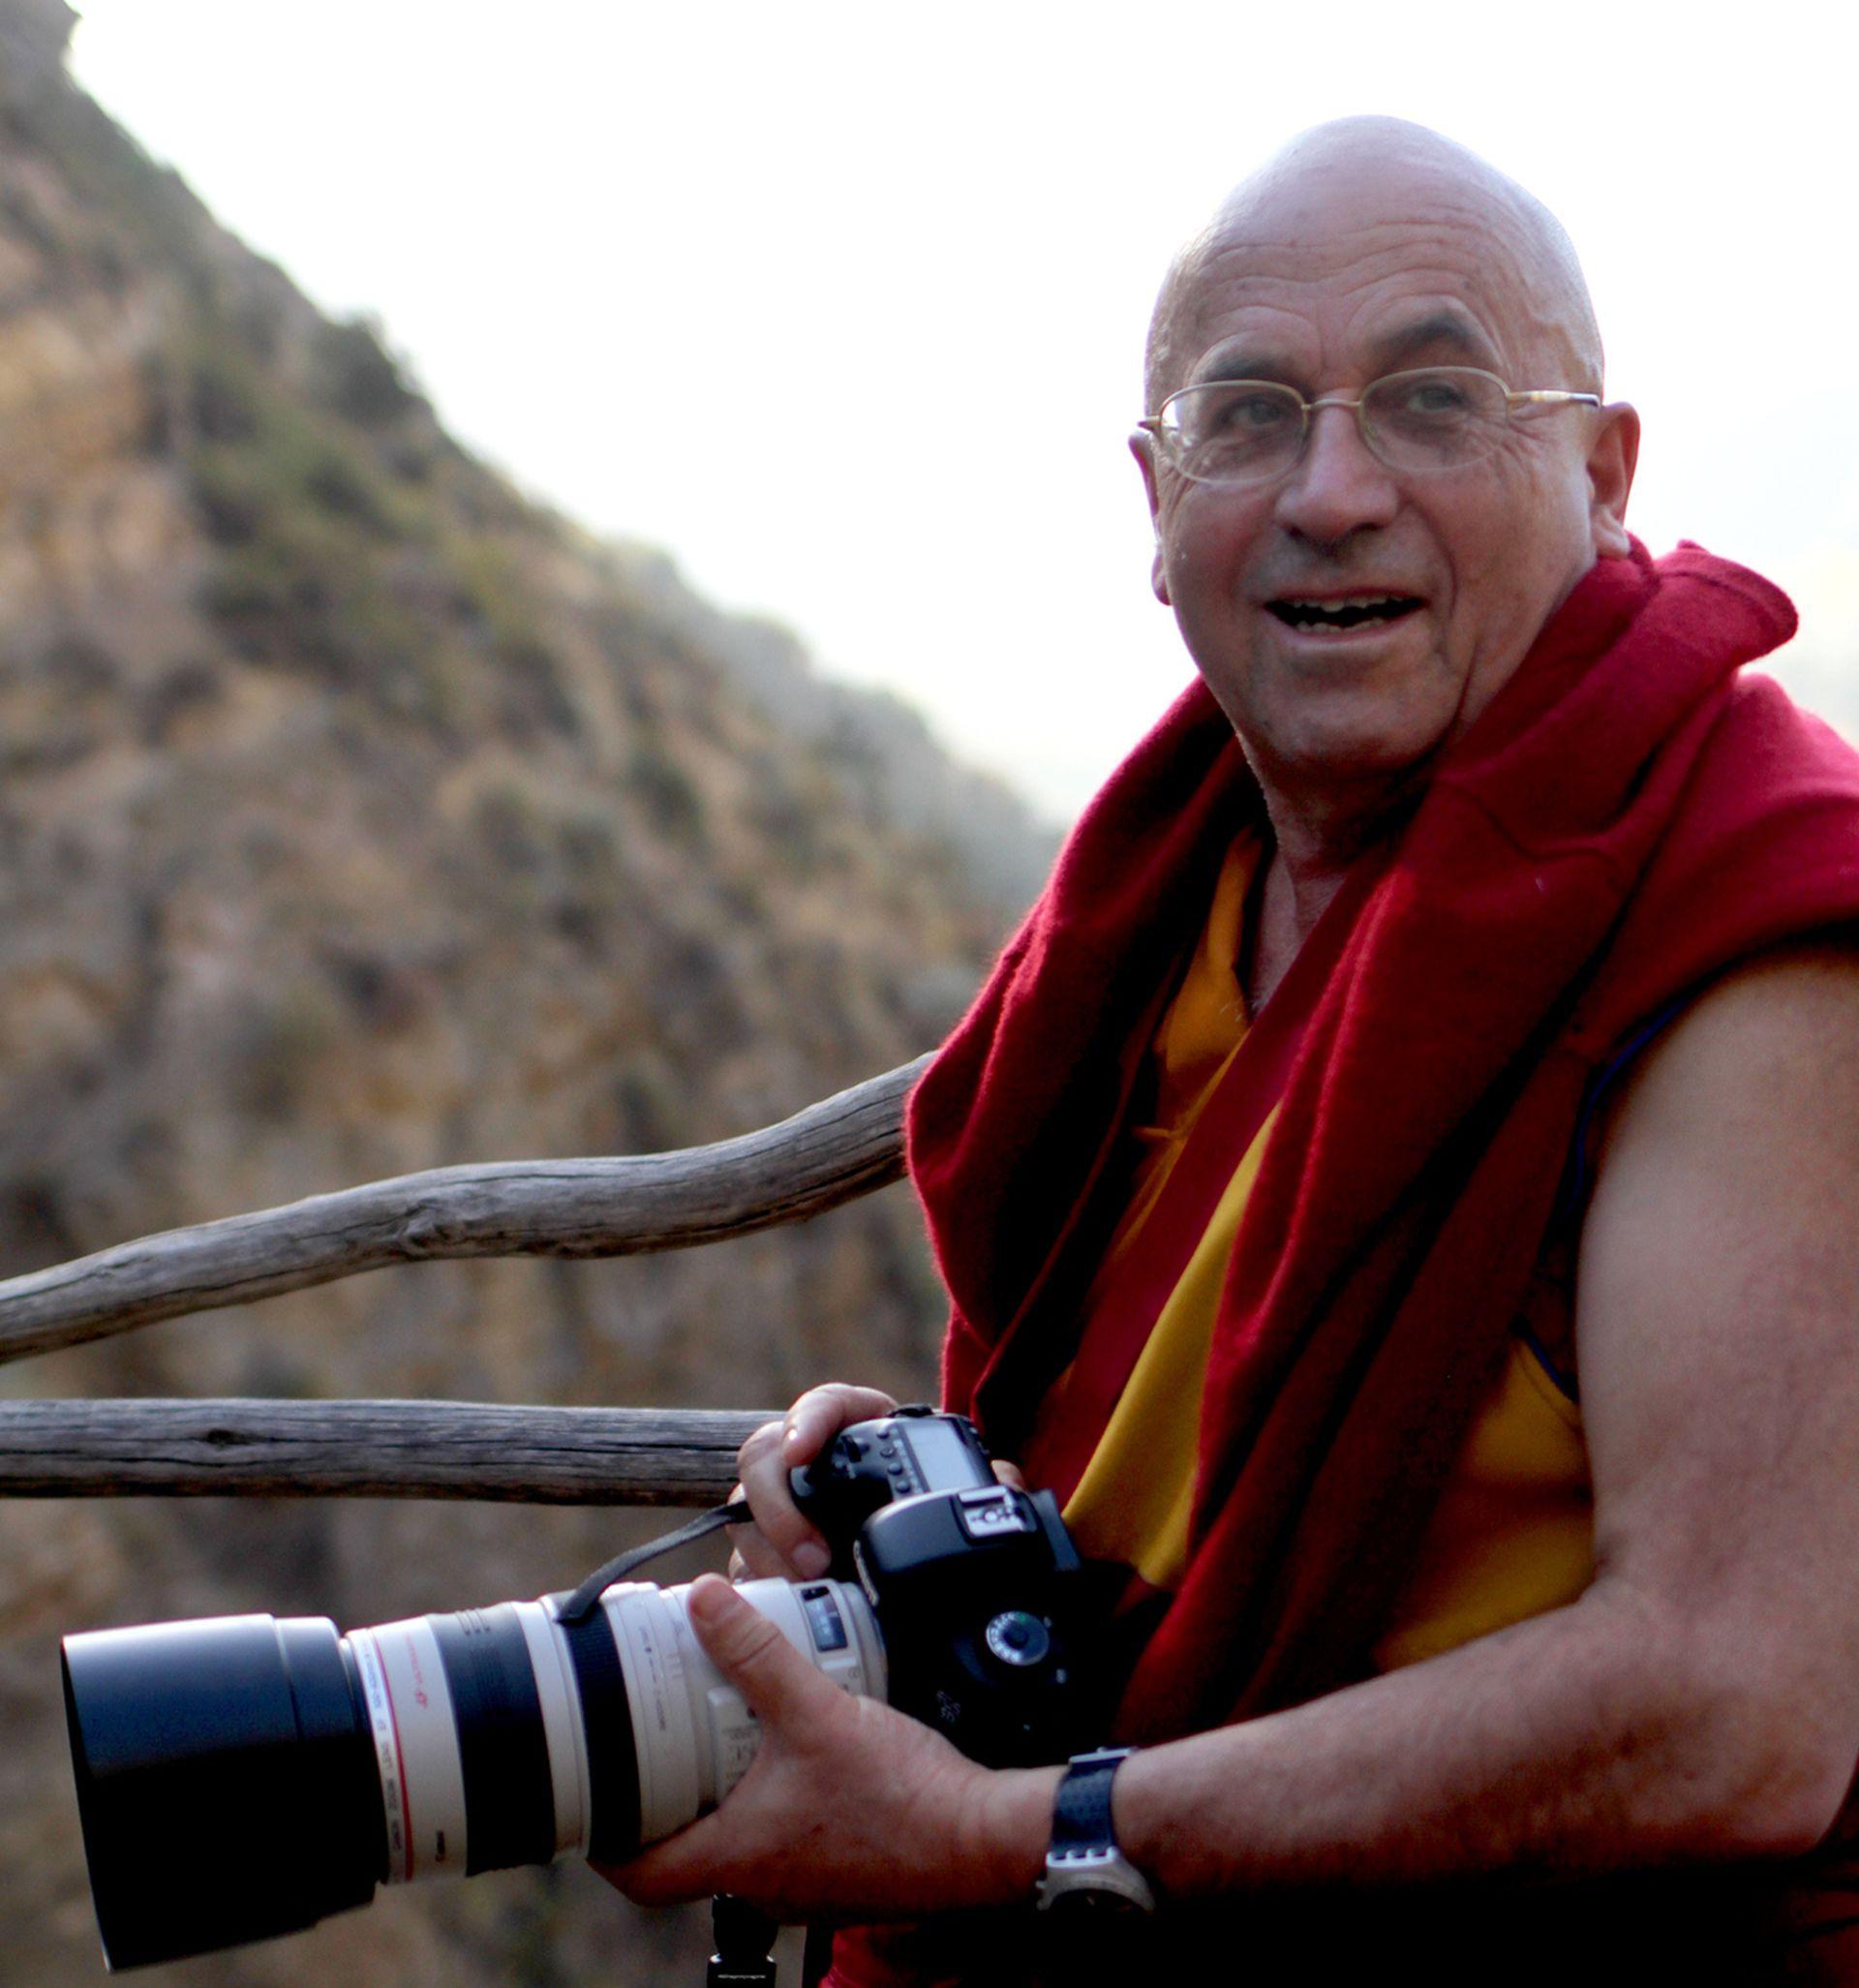 Las fotografías de Matthieu Ricard de los maestros espirituales, del paisaje y de la gente del Himalaya han sido publicadas en numerosos libros y revistas